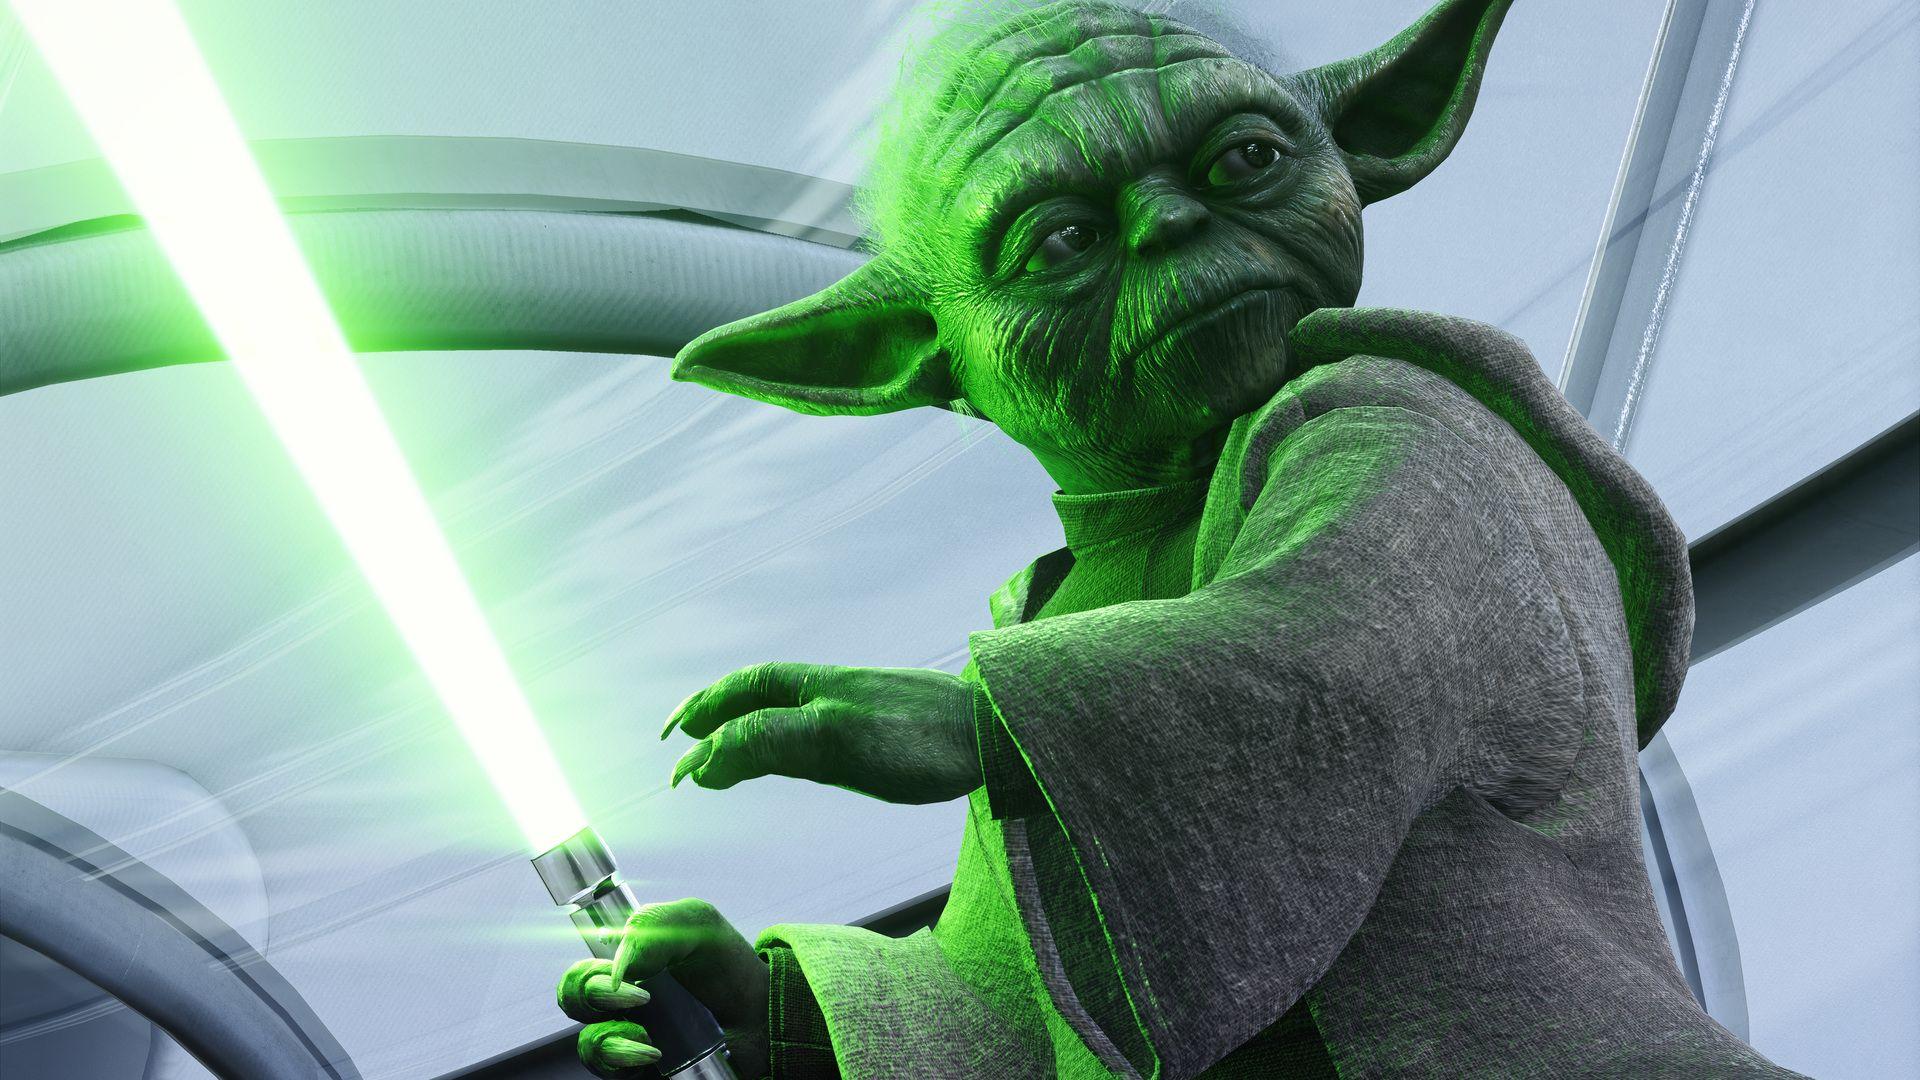 Master Yoda Wallpaper Yoda Wallpaper Star Wars Battlefront Star Wars Wallpaper